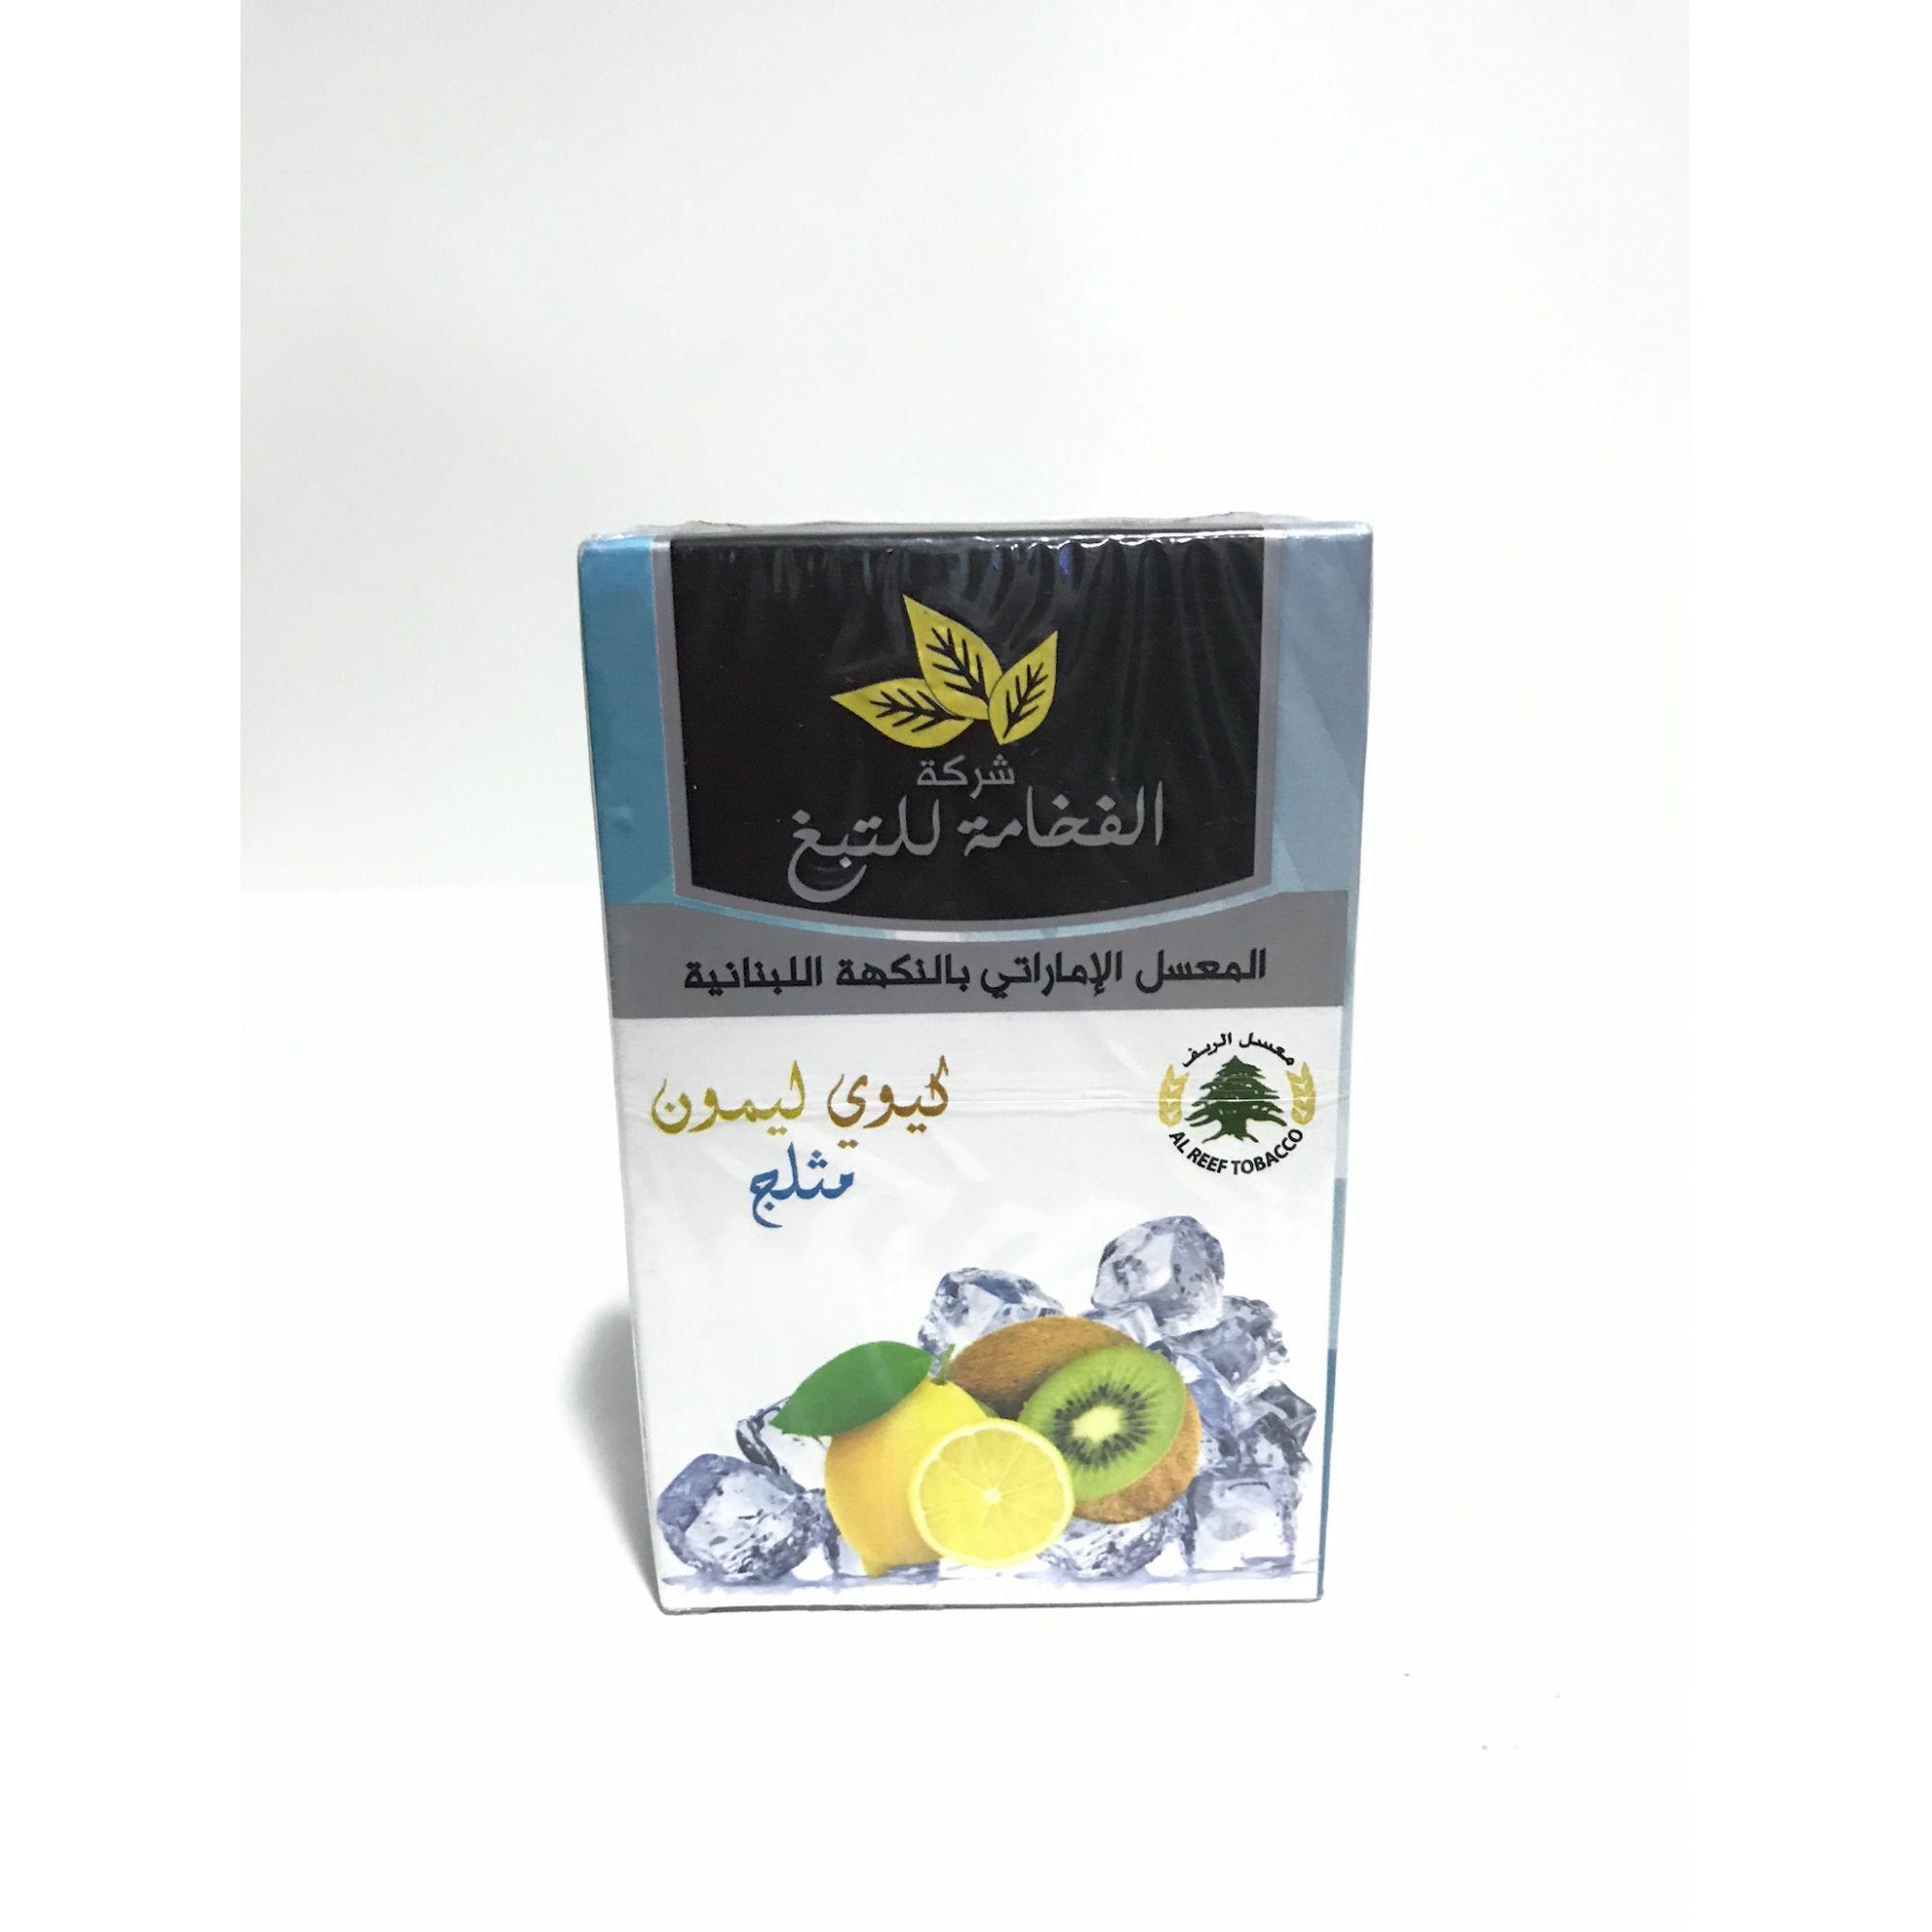 Al Fakhamah - Kiwi e Lemon 50g